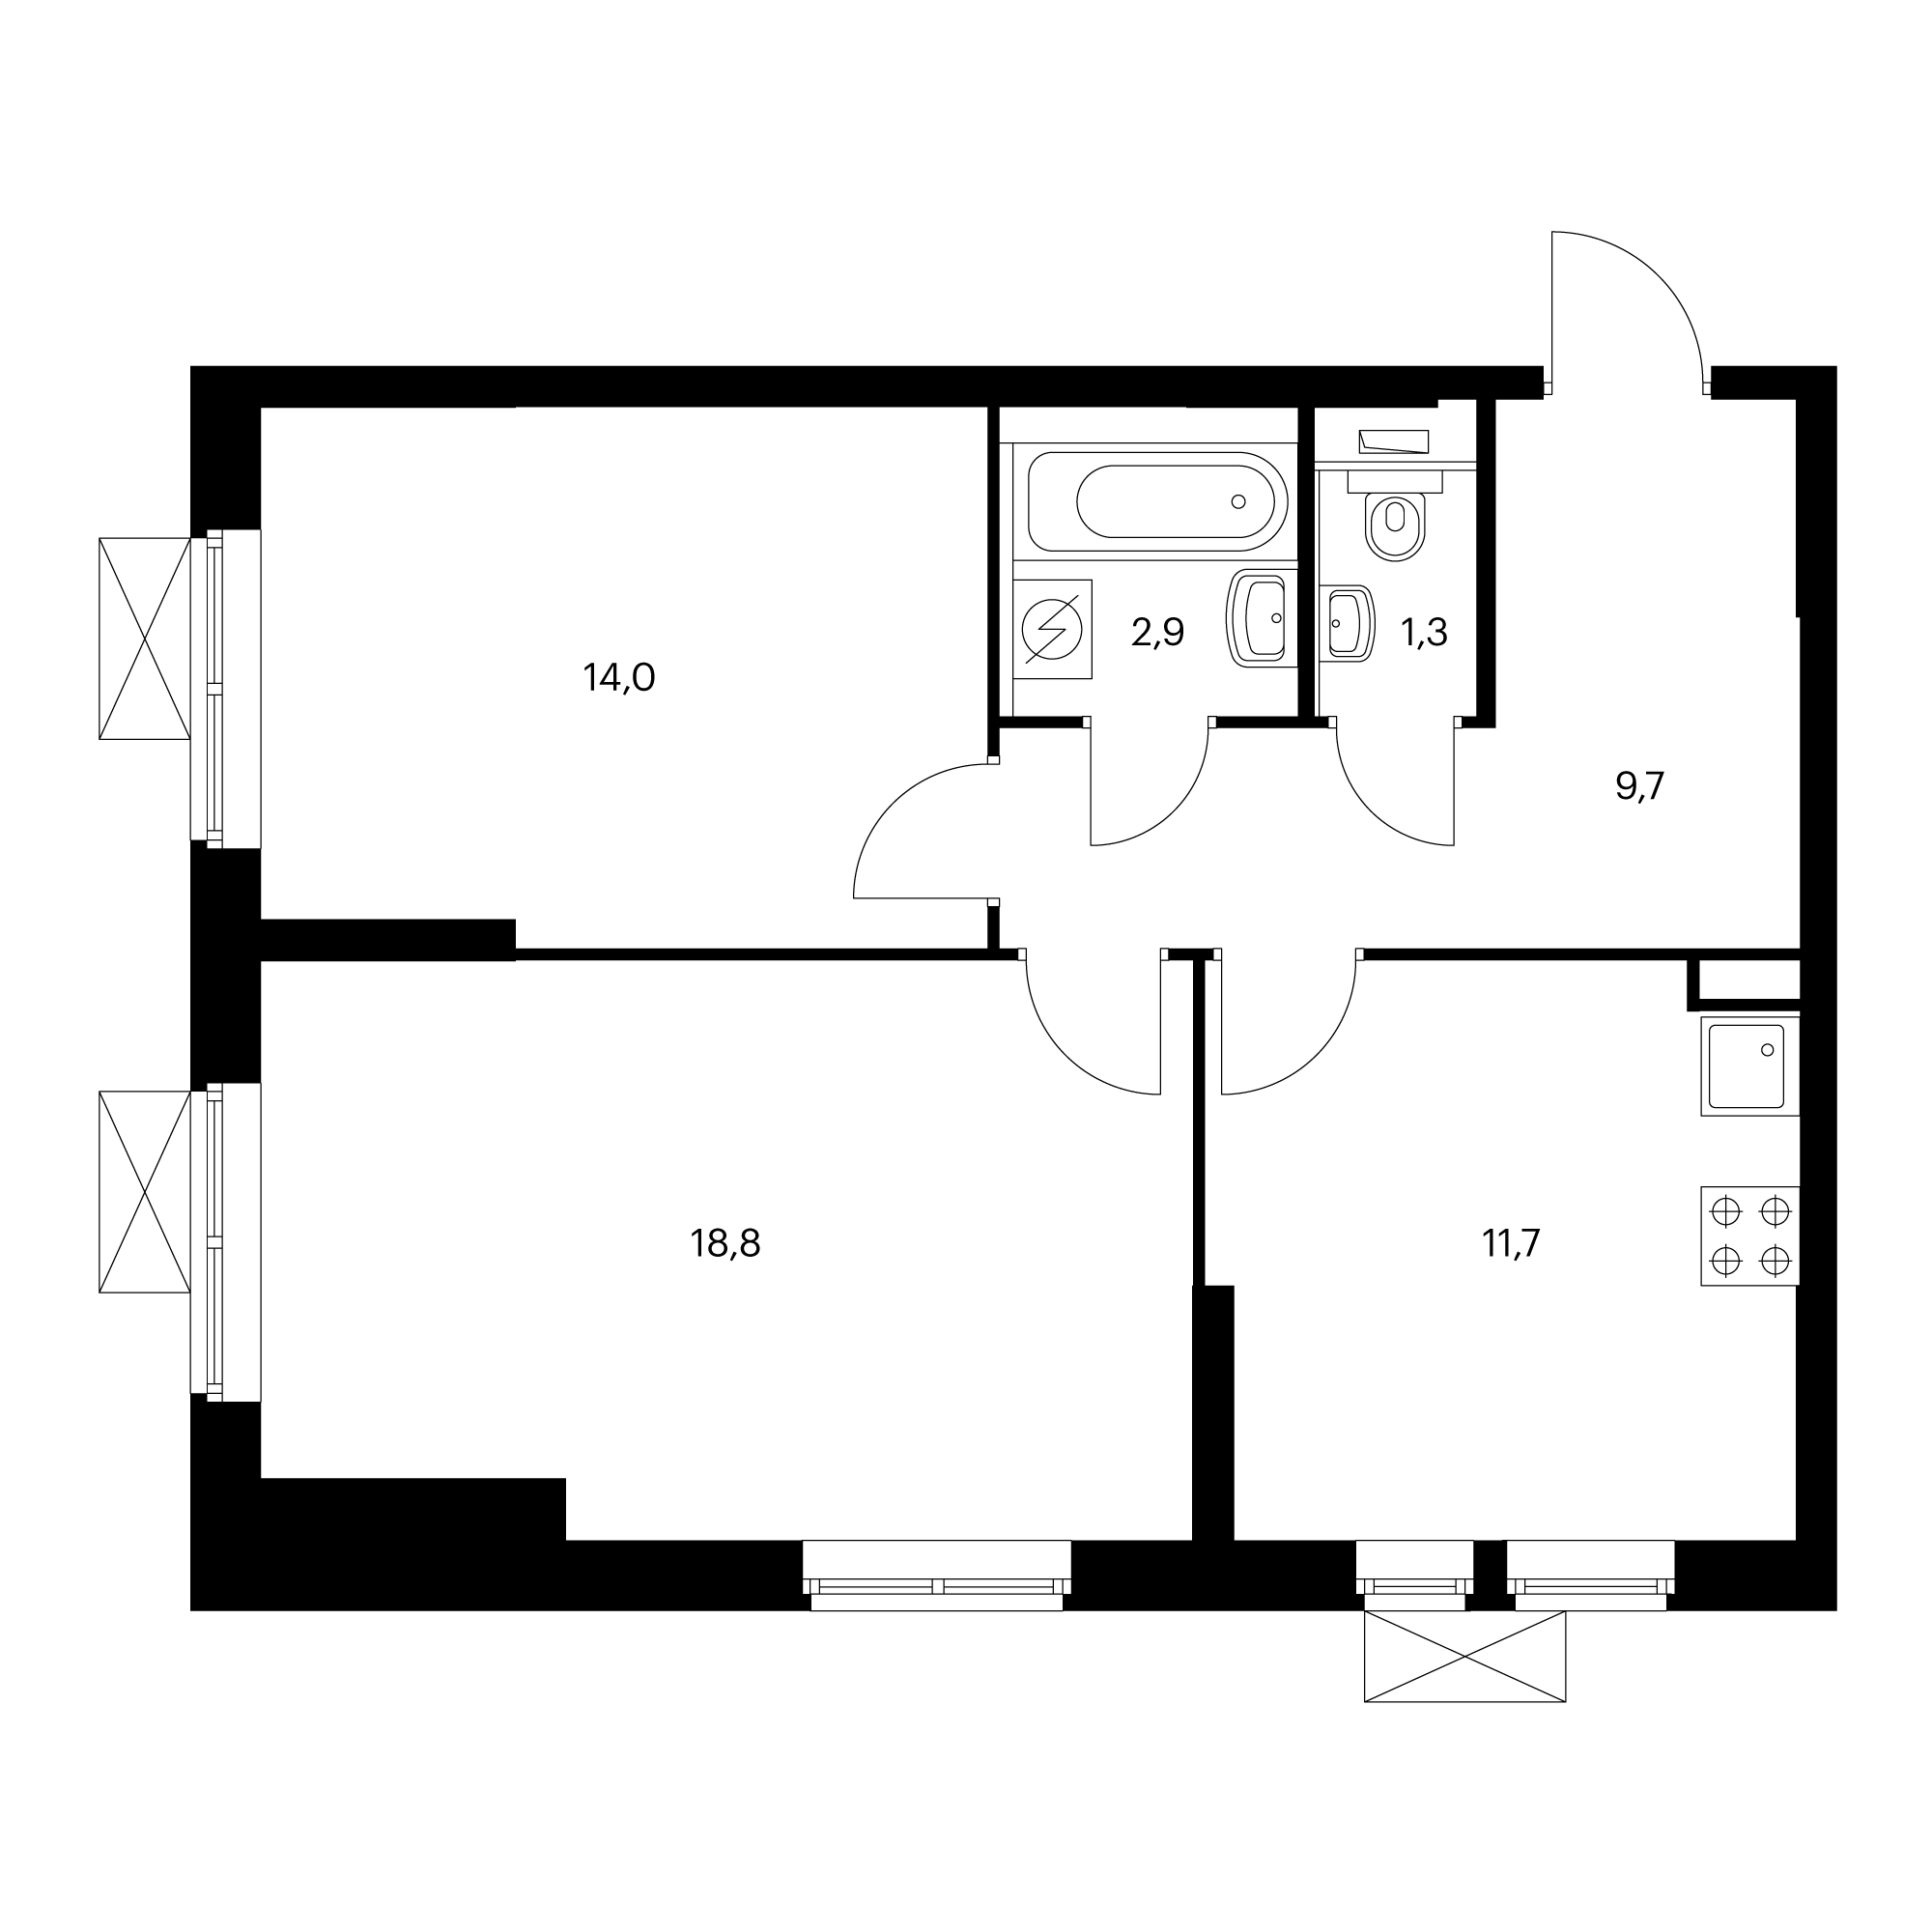 2-комнатная 58.4 м²